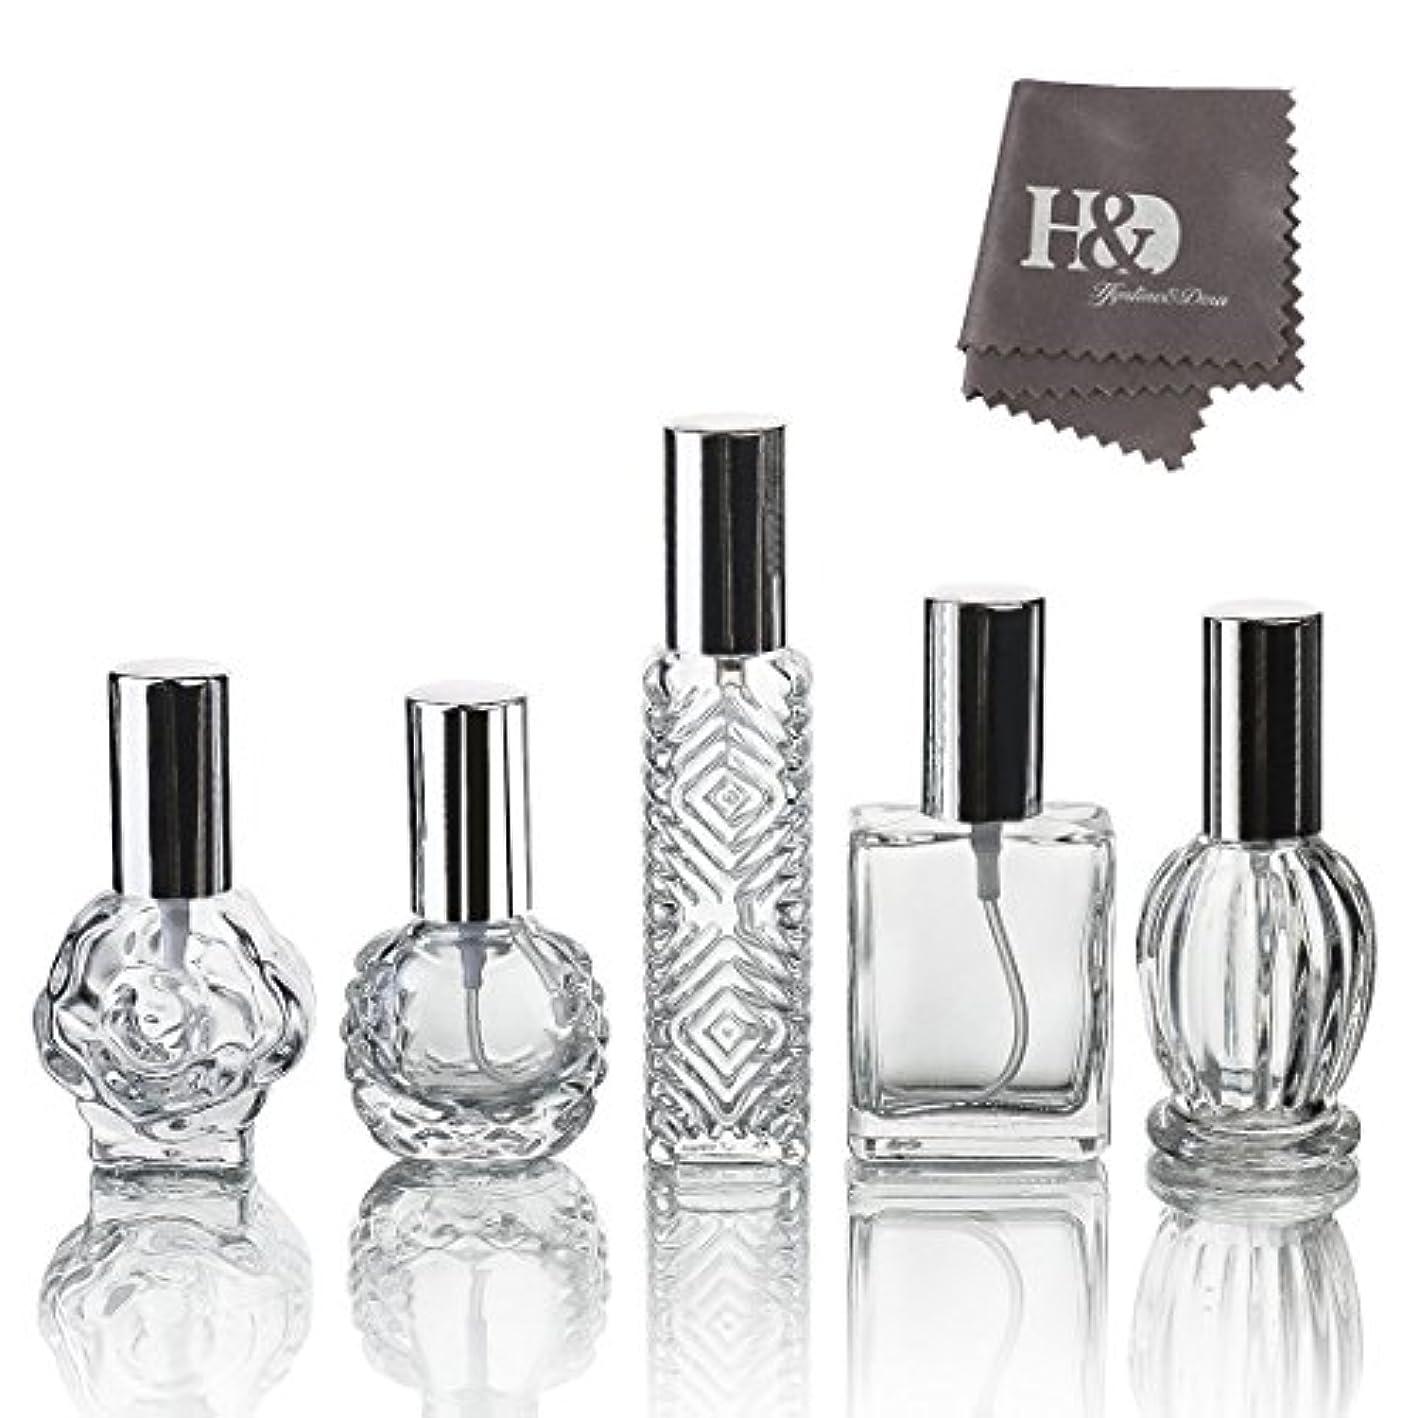 外観振り向く喜んでH&D 5枚セット ガラスボトル 香水瓶 詰替用瓶 分け瓶 旅行用品 化粧水用瓶 装飾雑貨 ガラス製 (2)